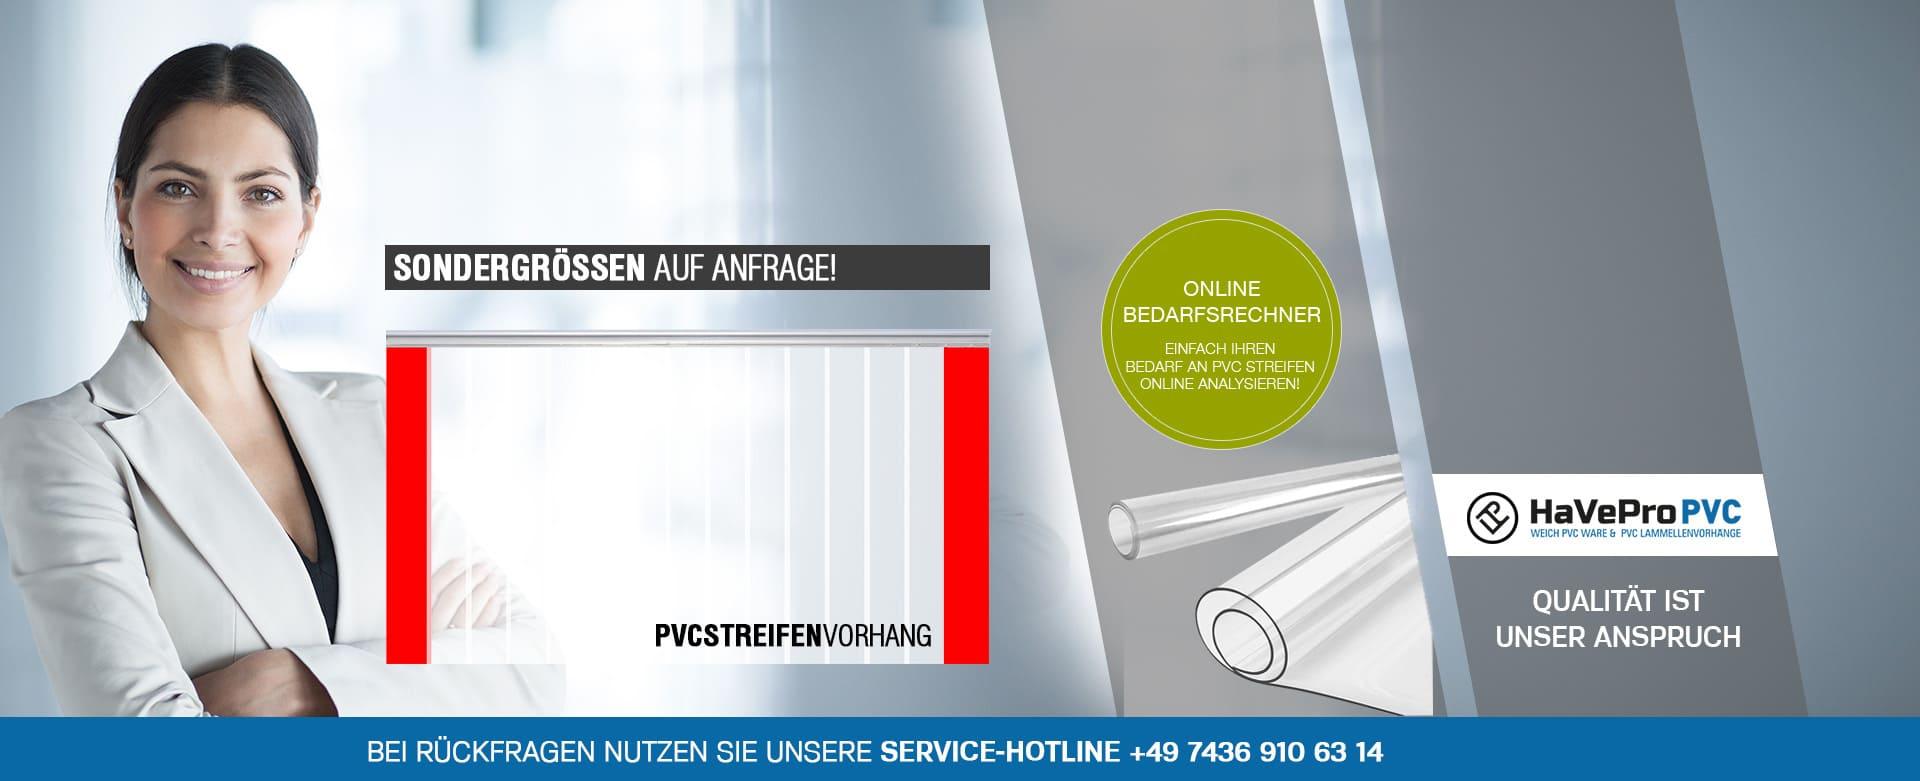 Streifen Lamellenvorhang Rolle aus weich PVC PVC Streifen für Streifenvorhang